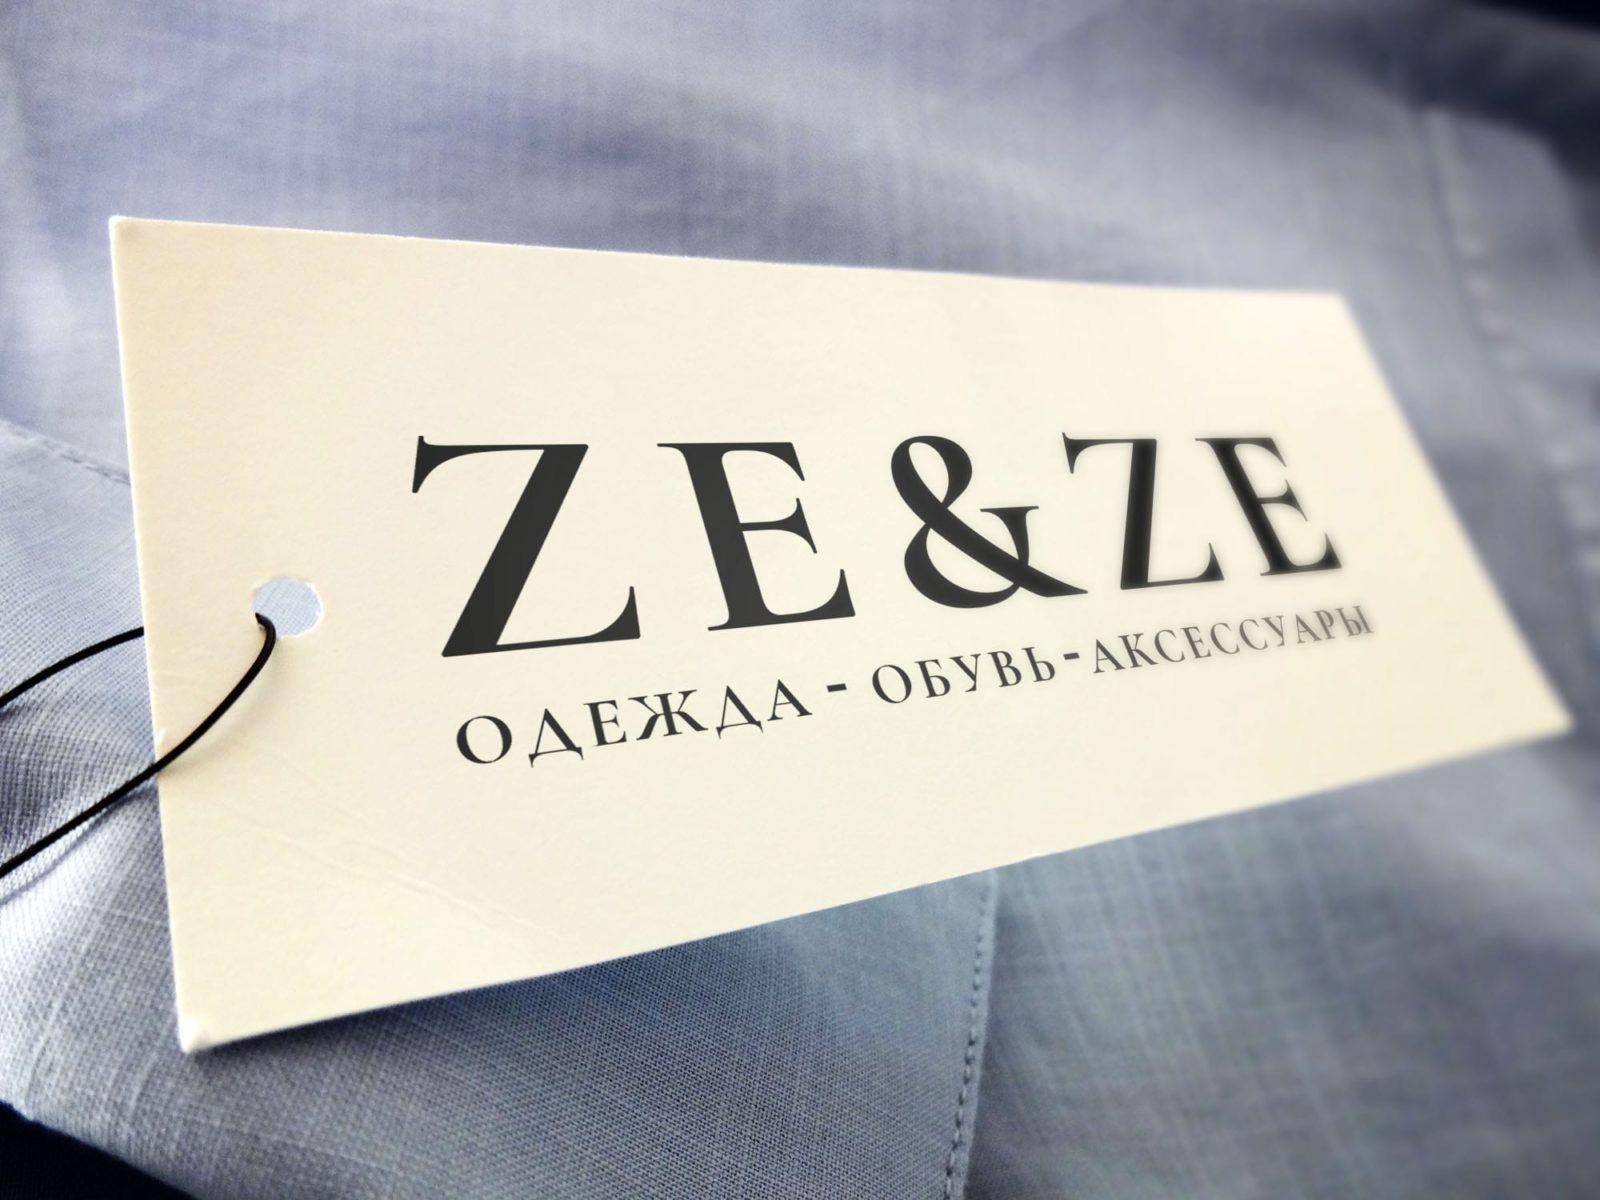 Логотип для магазина одежды на бирке 2